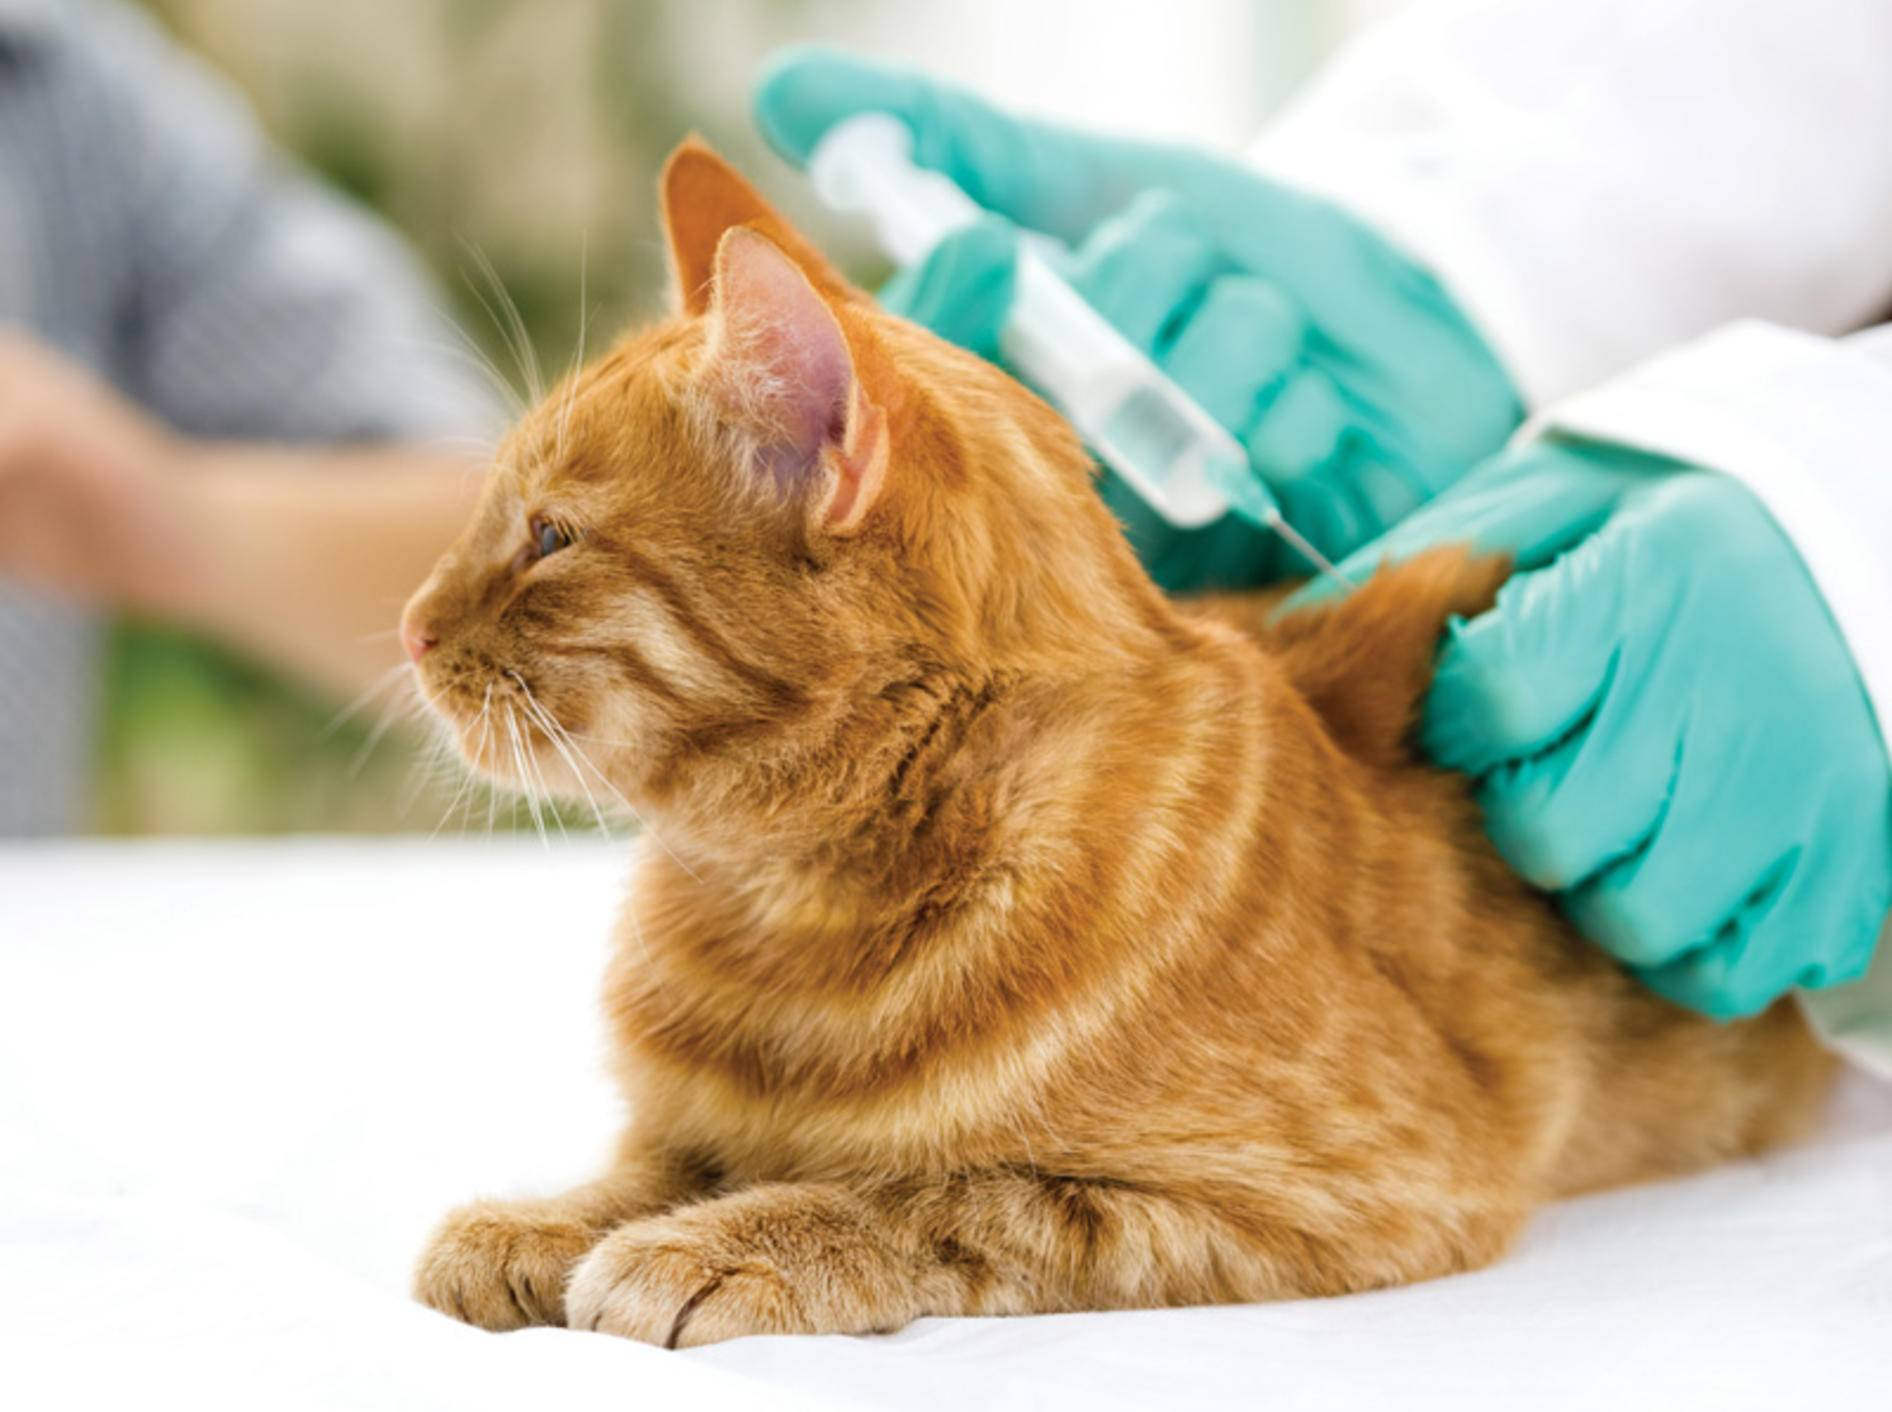 Katzen impfen – es gibt einiges zu bedenken – Bild: Shutterstock / VP Photo Studio